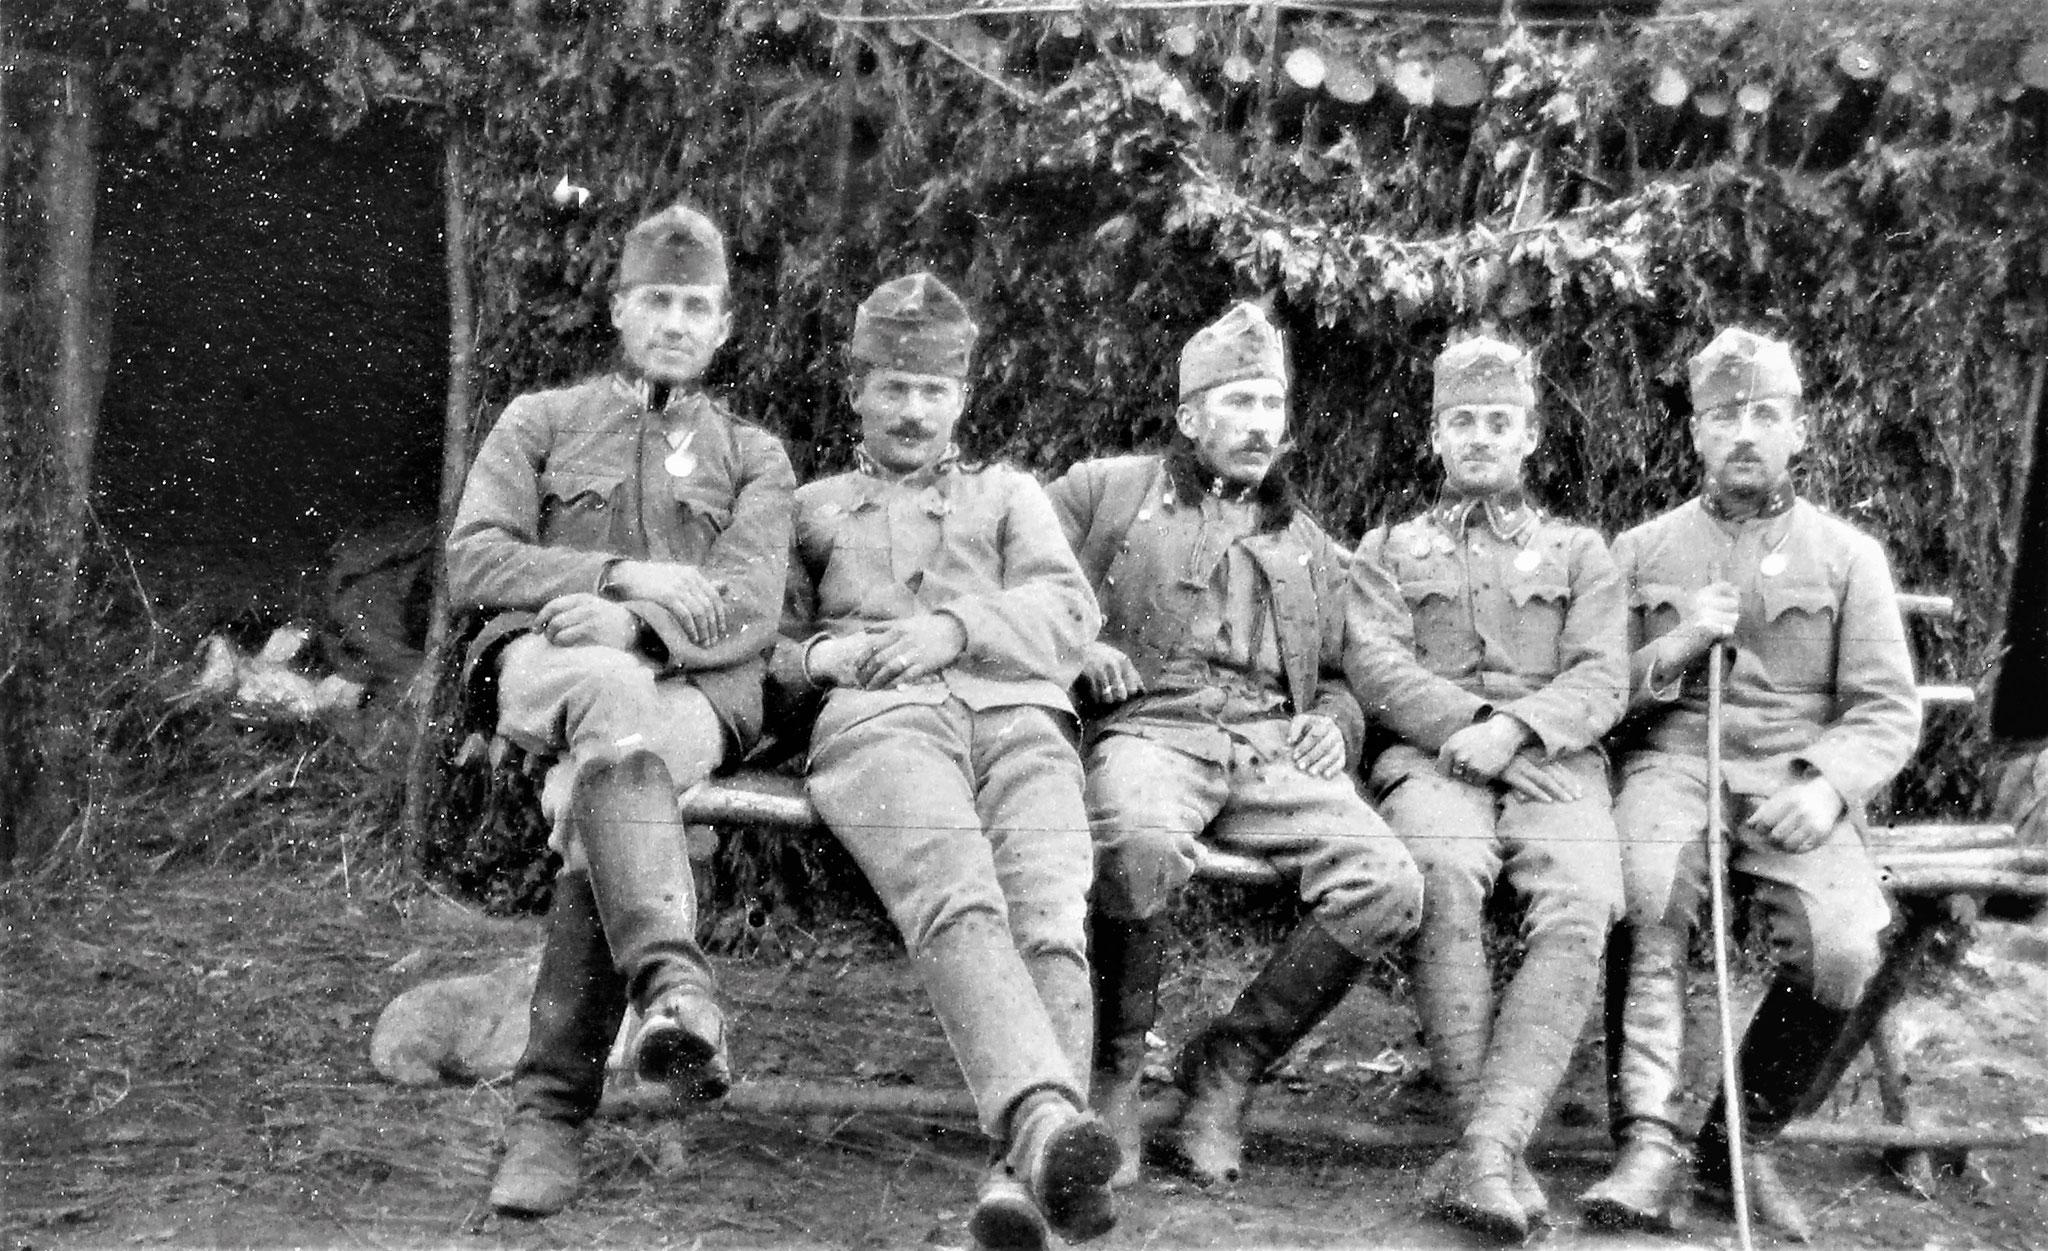 Unteroffiziere vom Stab u. der 3. Esk: Kopriwa, Wchtm. Glaser der Tel.Patr., Kpl, später Zgfr Walzl, Czernicky, Filipitsch.